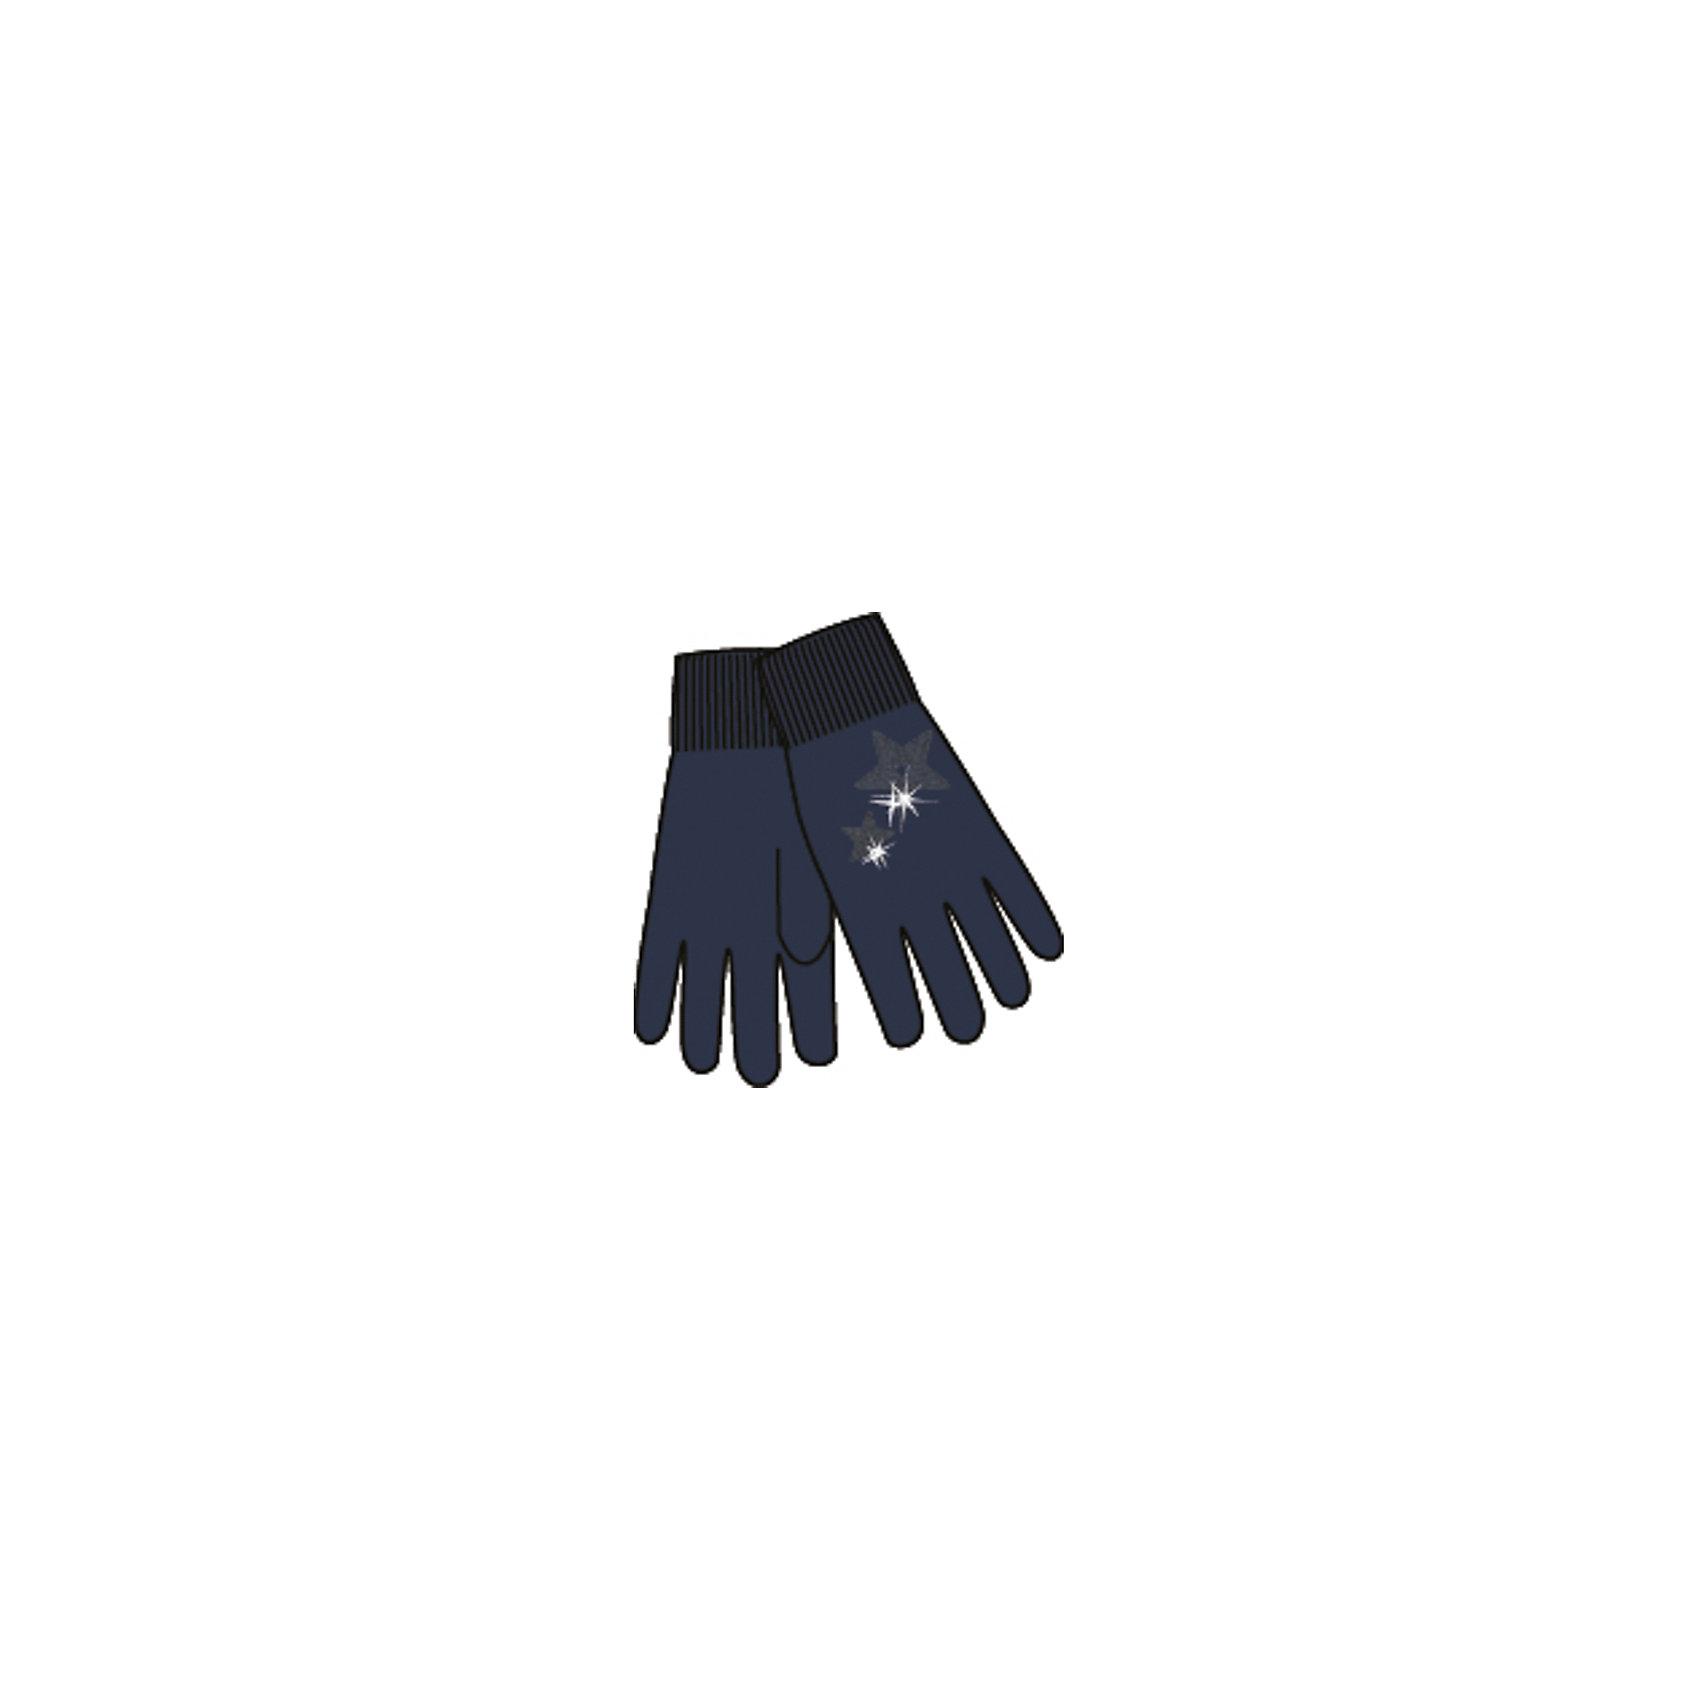 Перчатки для девочки ScoolПерчатки для девочки Scool – теплая и стильная защита рук.<br>Приятный и модный дизайн перчаток сочетаются с классикой и элегантностью. Такие перчатки подходят под любую одежду. Украшены пайетками серебристых цветов в форме звезды. Держатся на мягкой резинке. Перчатки сделаны из качественного материала, который не вызывает раздражения и не теряет внешний вид от влаги.<br><br>Дополнительная информация:<br><br>- материал: 80% хлопок, 18% нейлон, 2% эластан<br>- цвет: черный<br><br>Перчатки для девочки Scool можно купить в нашем интернет магазине.<br><br>Ширина мм: 162<br>Глубина мм: 171<br>Высота мм: 55<br>Вес г: 119<br>Цвет: синий<br>Возраст от месяцев: 0<br>Возраст до месяцев: 3<br>Пол: Женский<br>Возраст: Детский<br>Размер: 16,18,17<br>SKU: 4912098